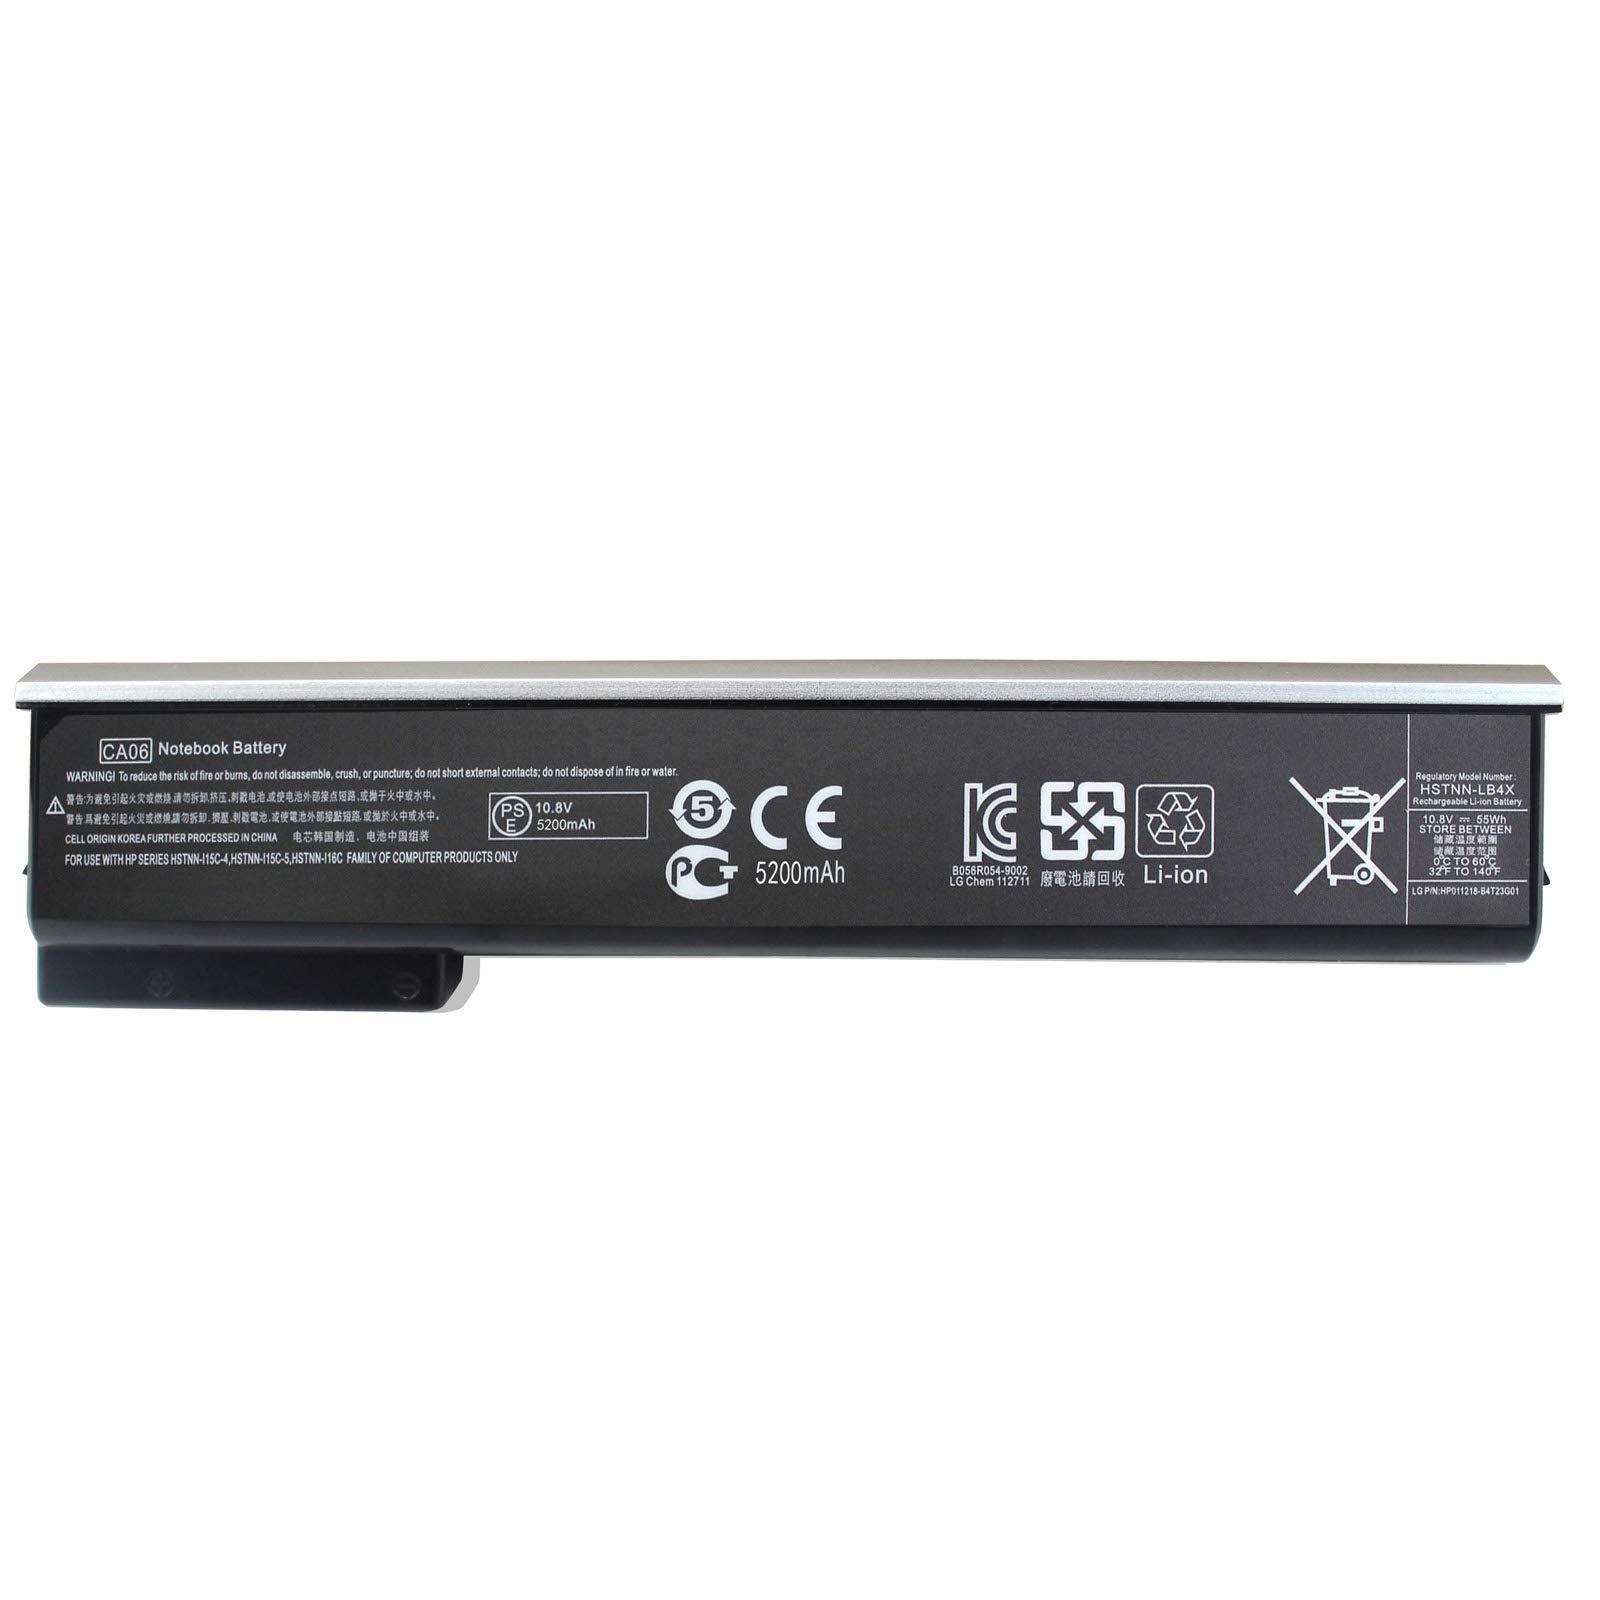 Bateria CA06 CA06XL CA06055XL HP Probook 640 645 650 655 G0